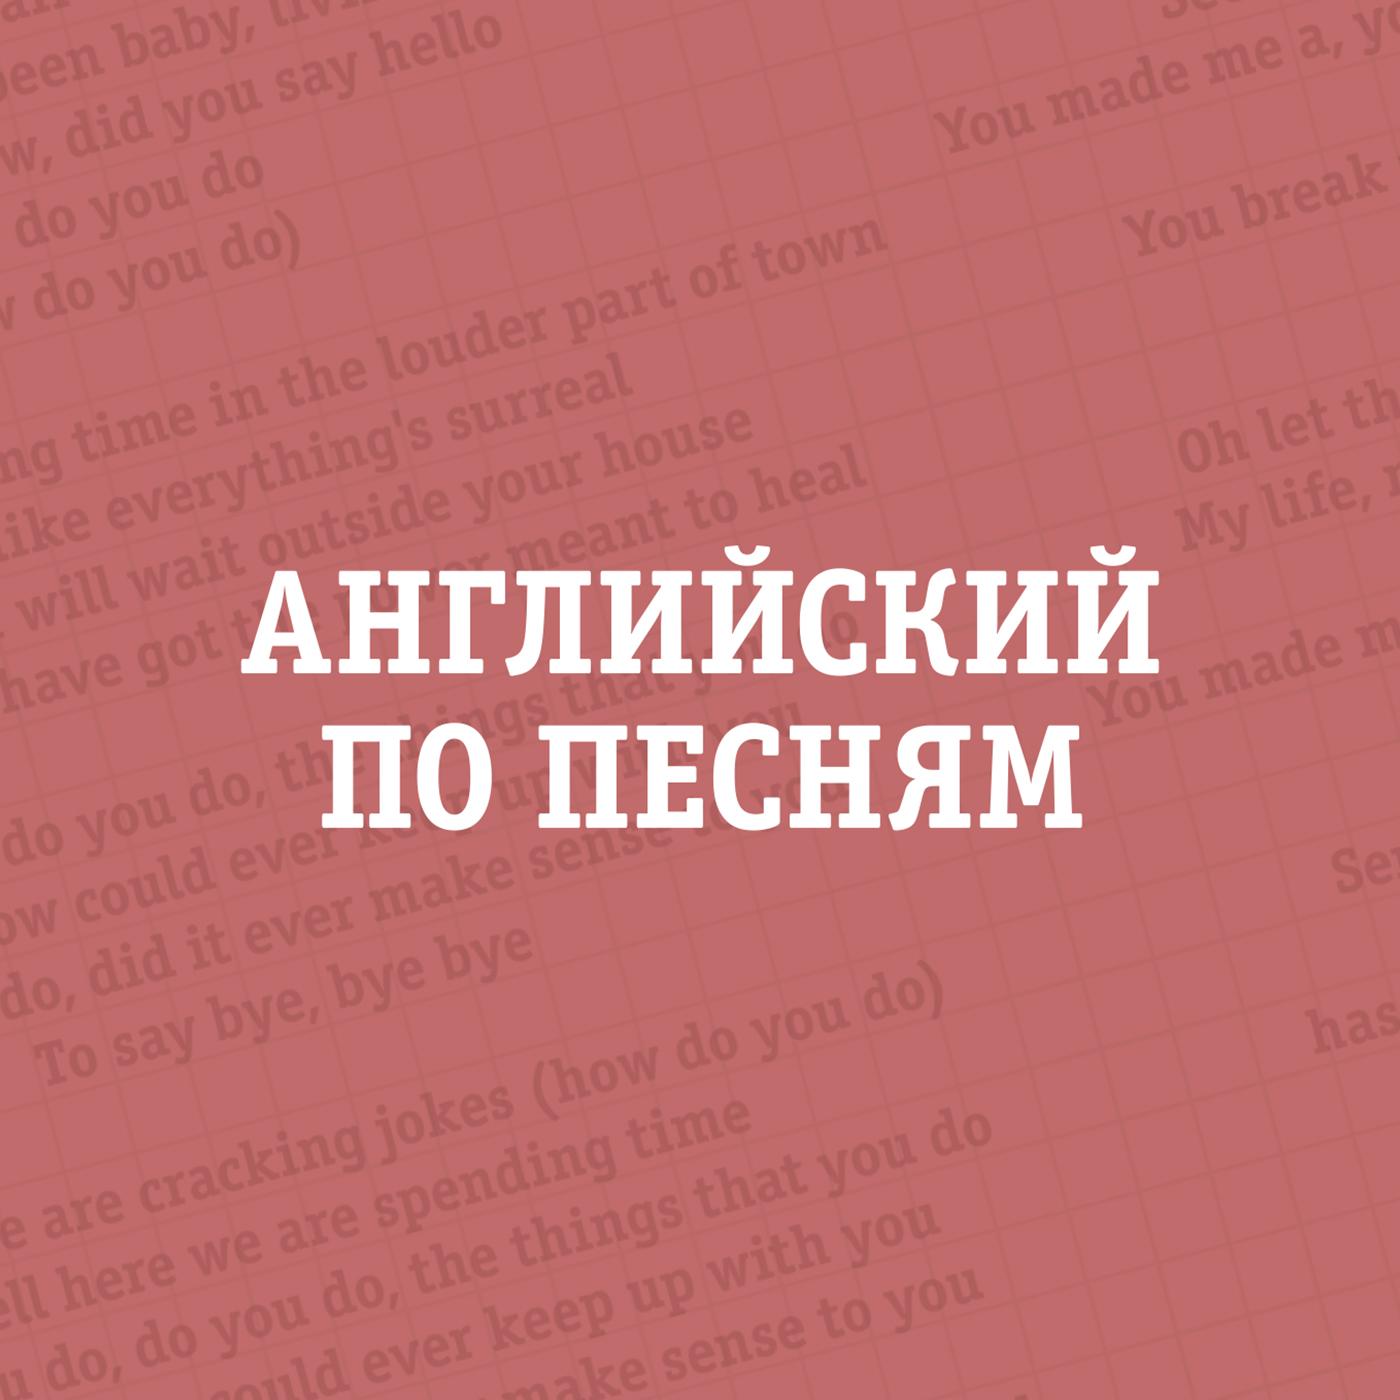 Английский по песням – Ракамакафо и другие слова, которые мы слышим в песнях неправильно